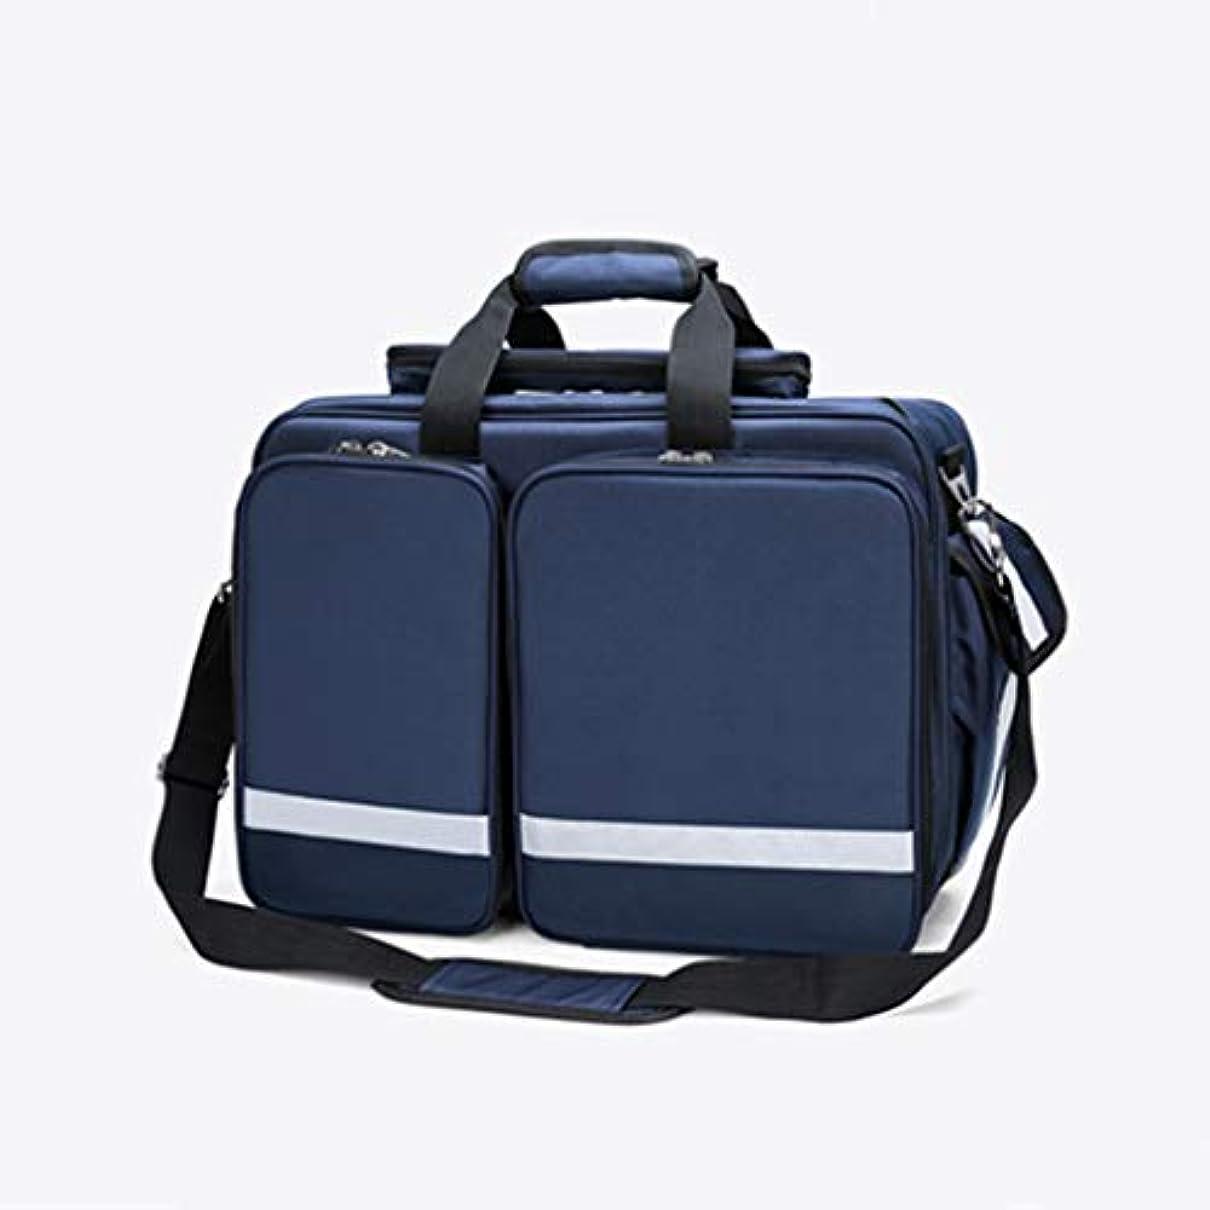 減る金銭的切り刻むIUYWL 産後訪問パッケージ、ポータブル医療キット、大容量多機能救急箱 (Color : B)